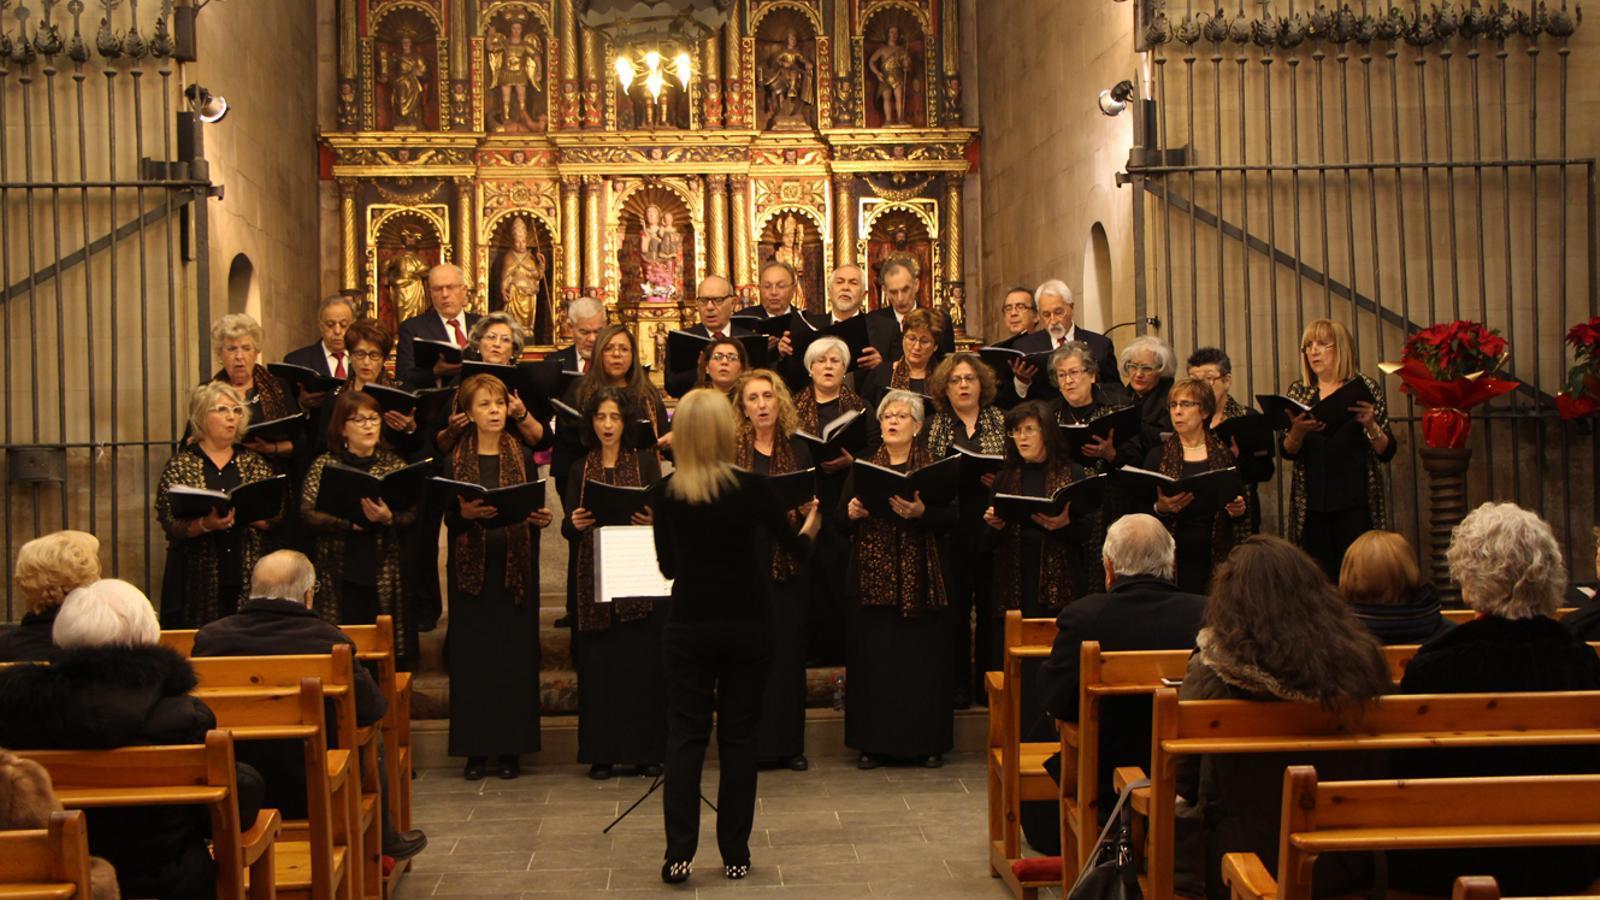 Un moment del concert de Nadal de la Coral Casamanya i l'Orfeó Andorrà, a l'interior de l'església parroquial d'Ordino. / L. M. (ANA)